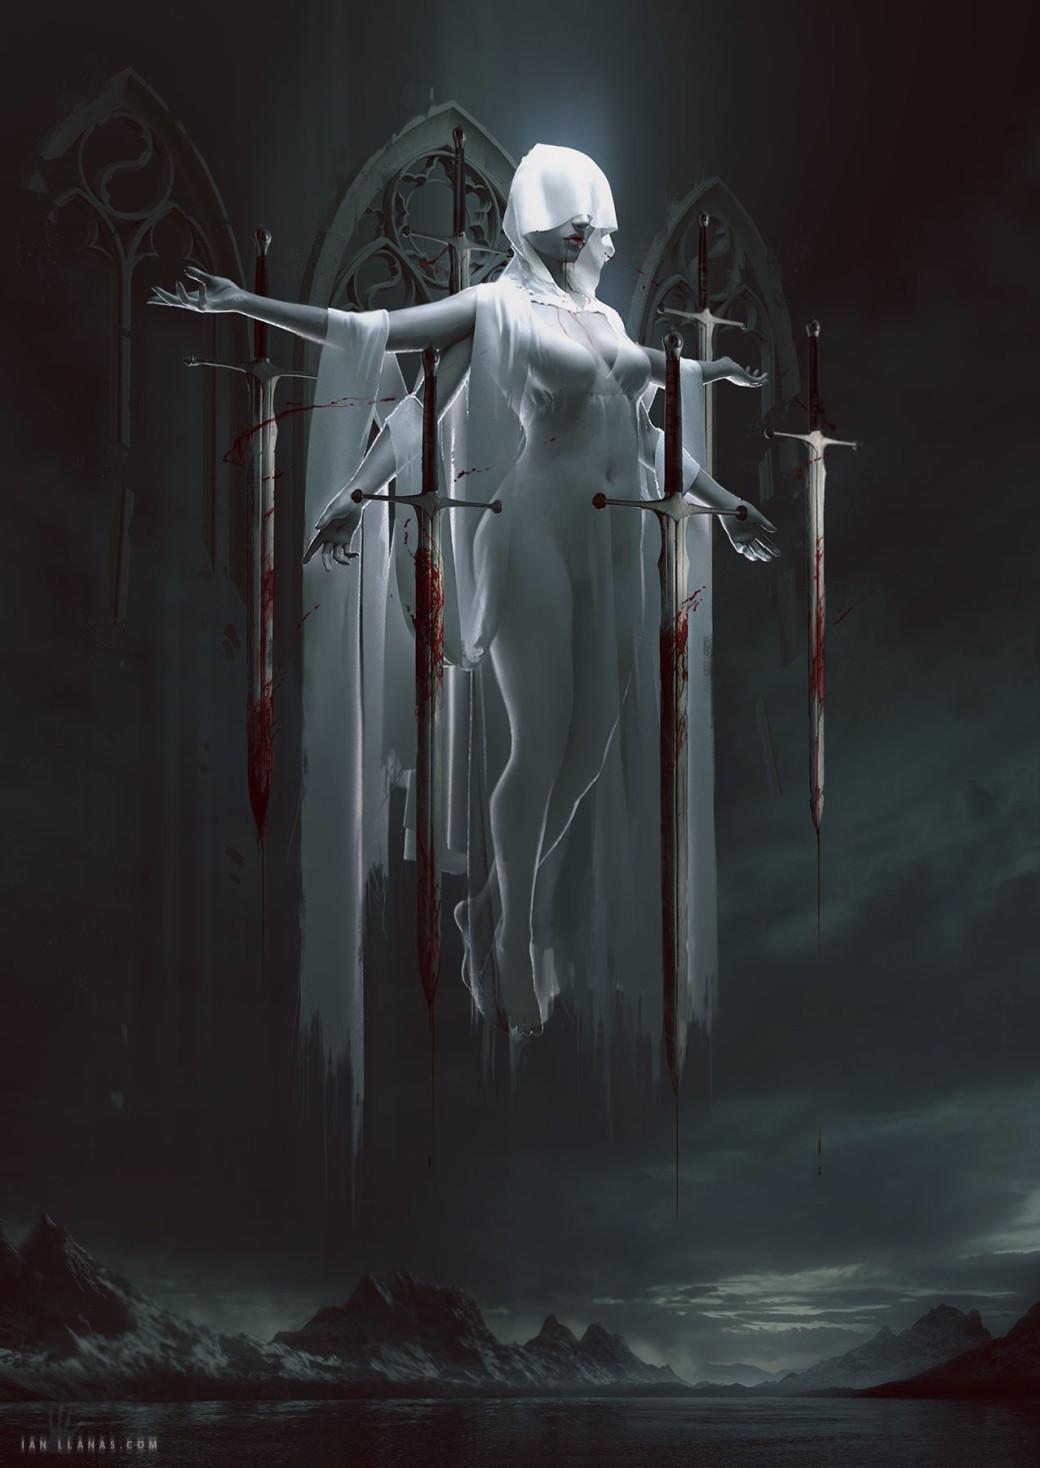 queen of swords ian llanas